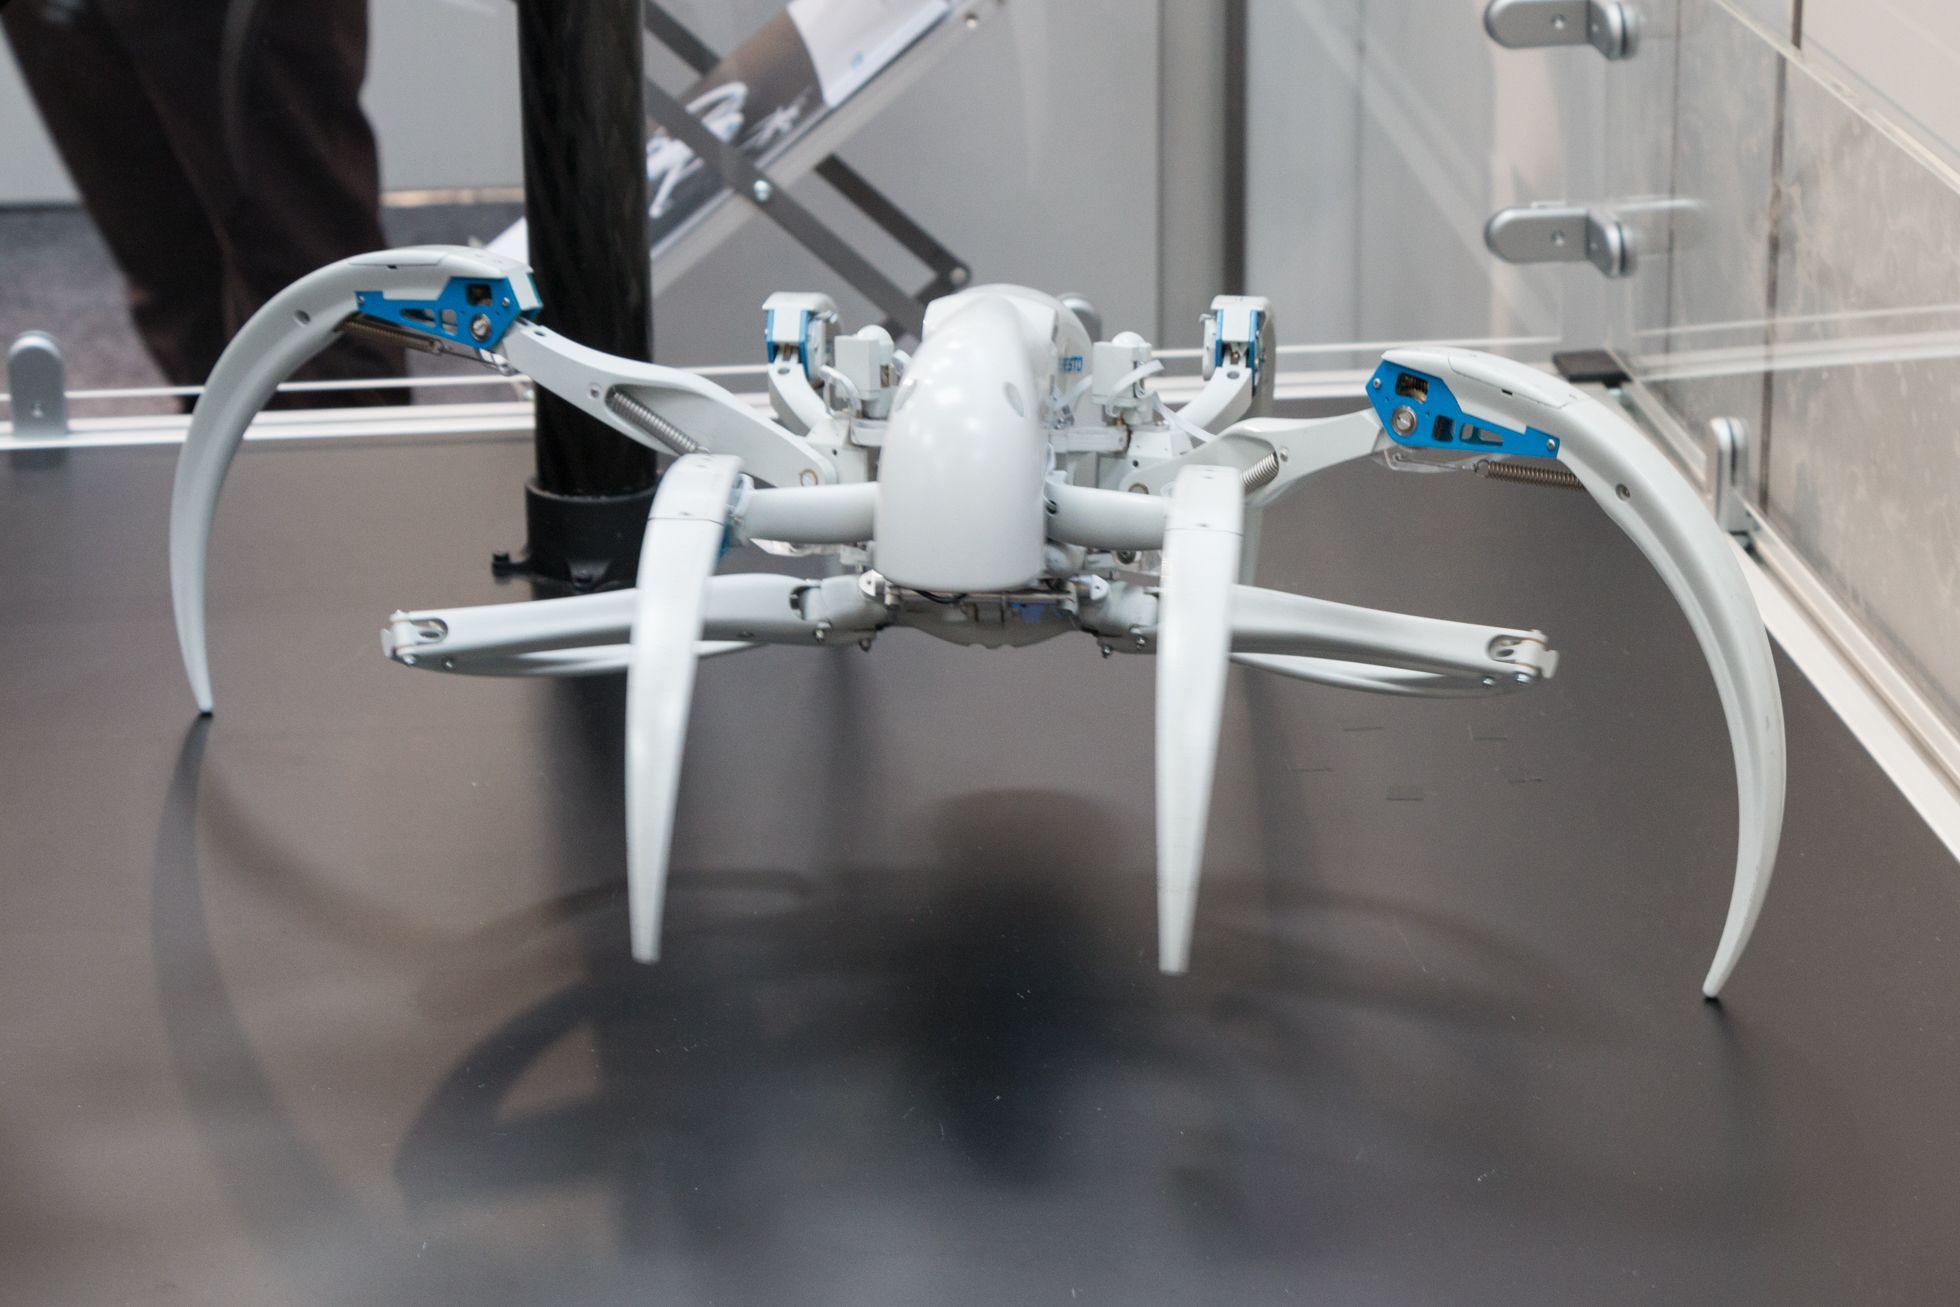 Bionic Wheel Bot: Festos Spinnenroboter rollt und läuft - Er kann laufen... (Bild: Werner Pluta/Golem.de)